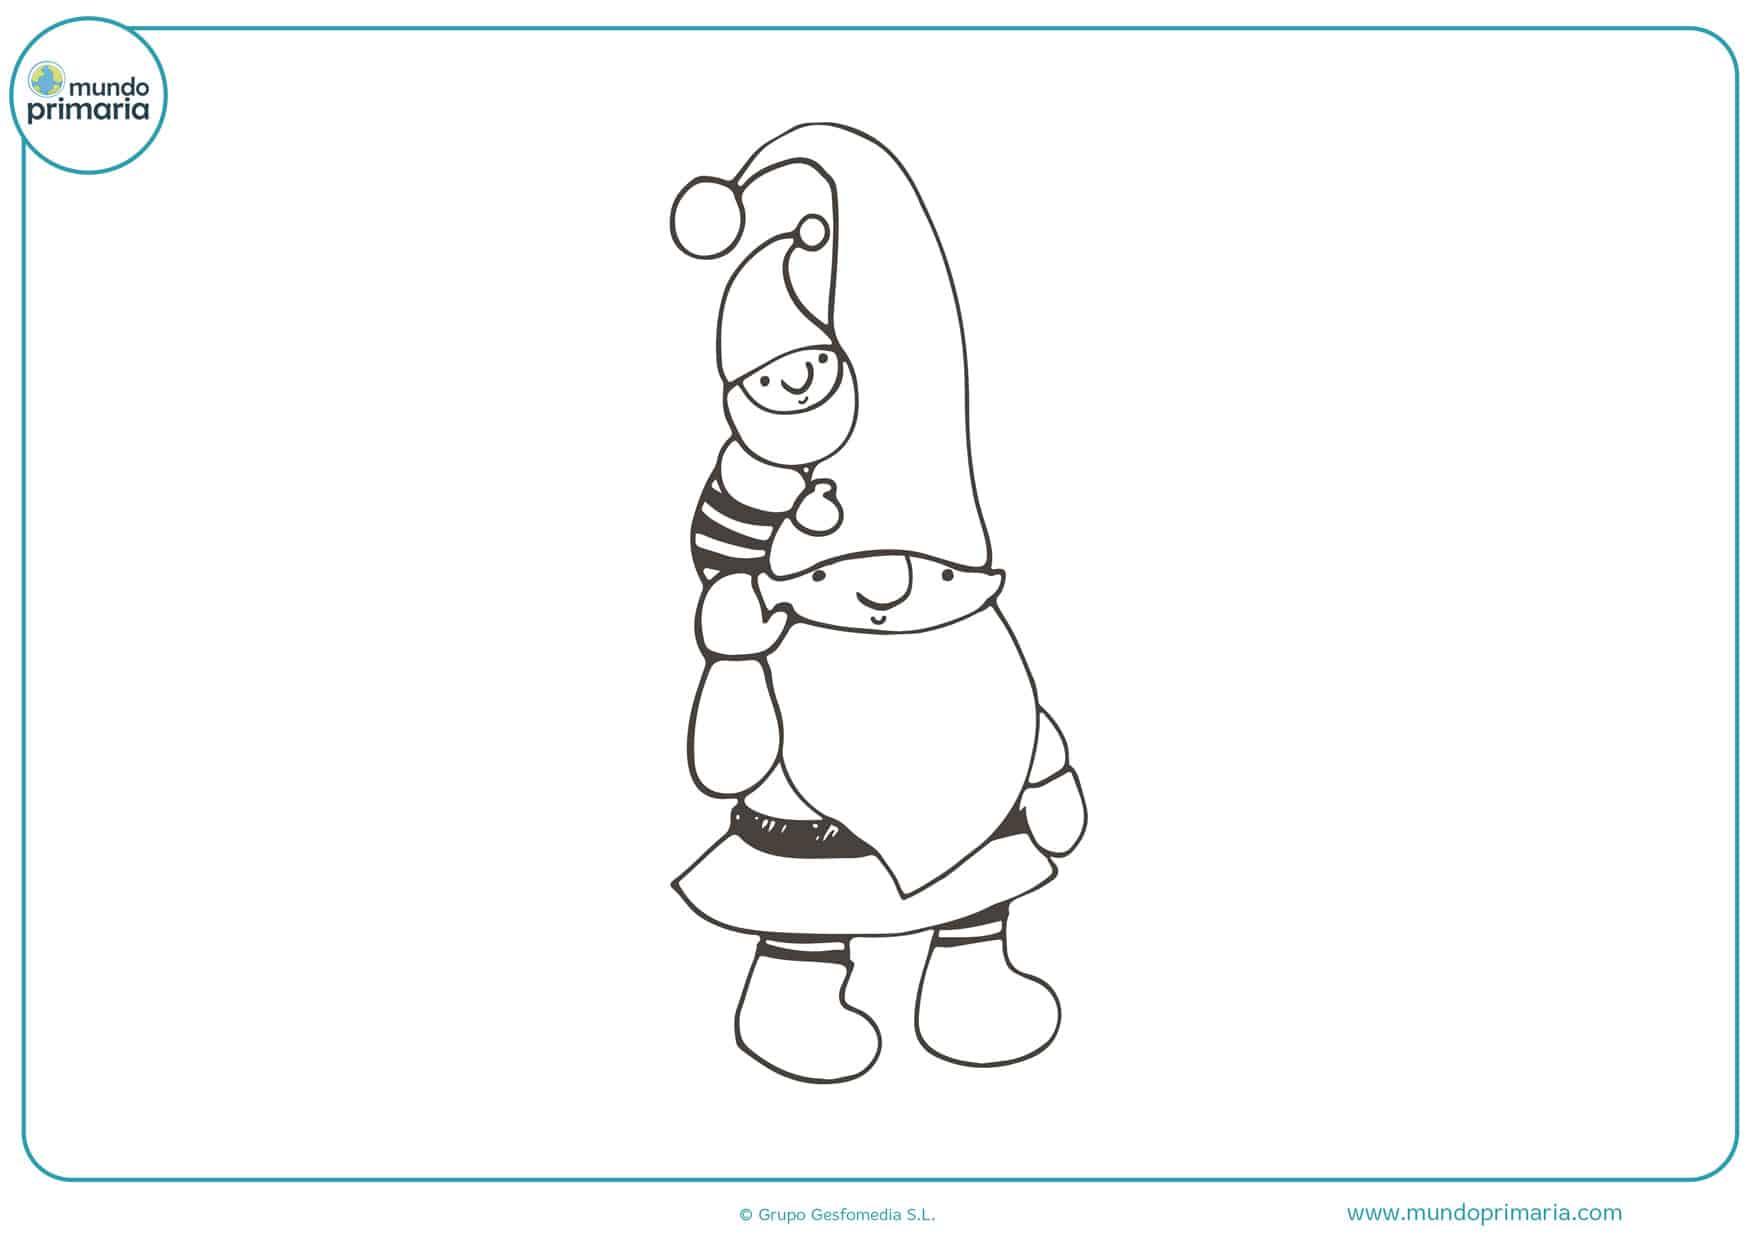 dibujos para colorear de los duendes de papanoel